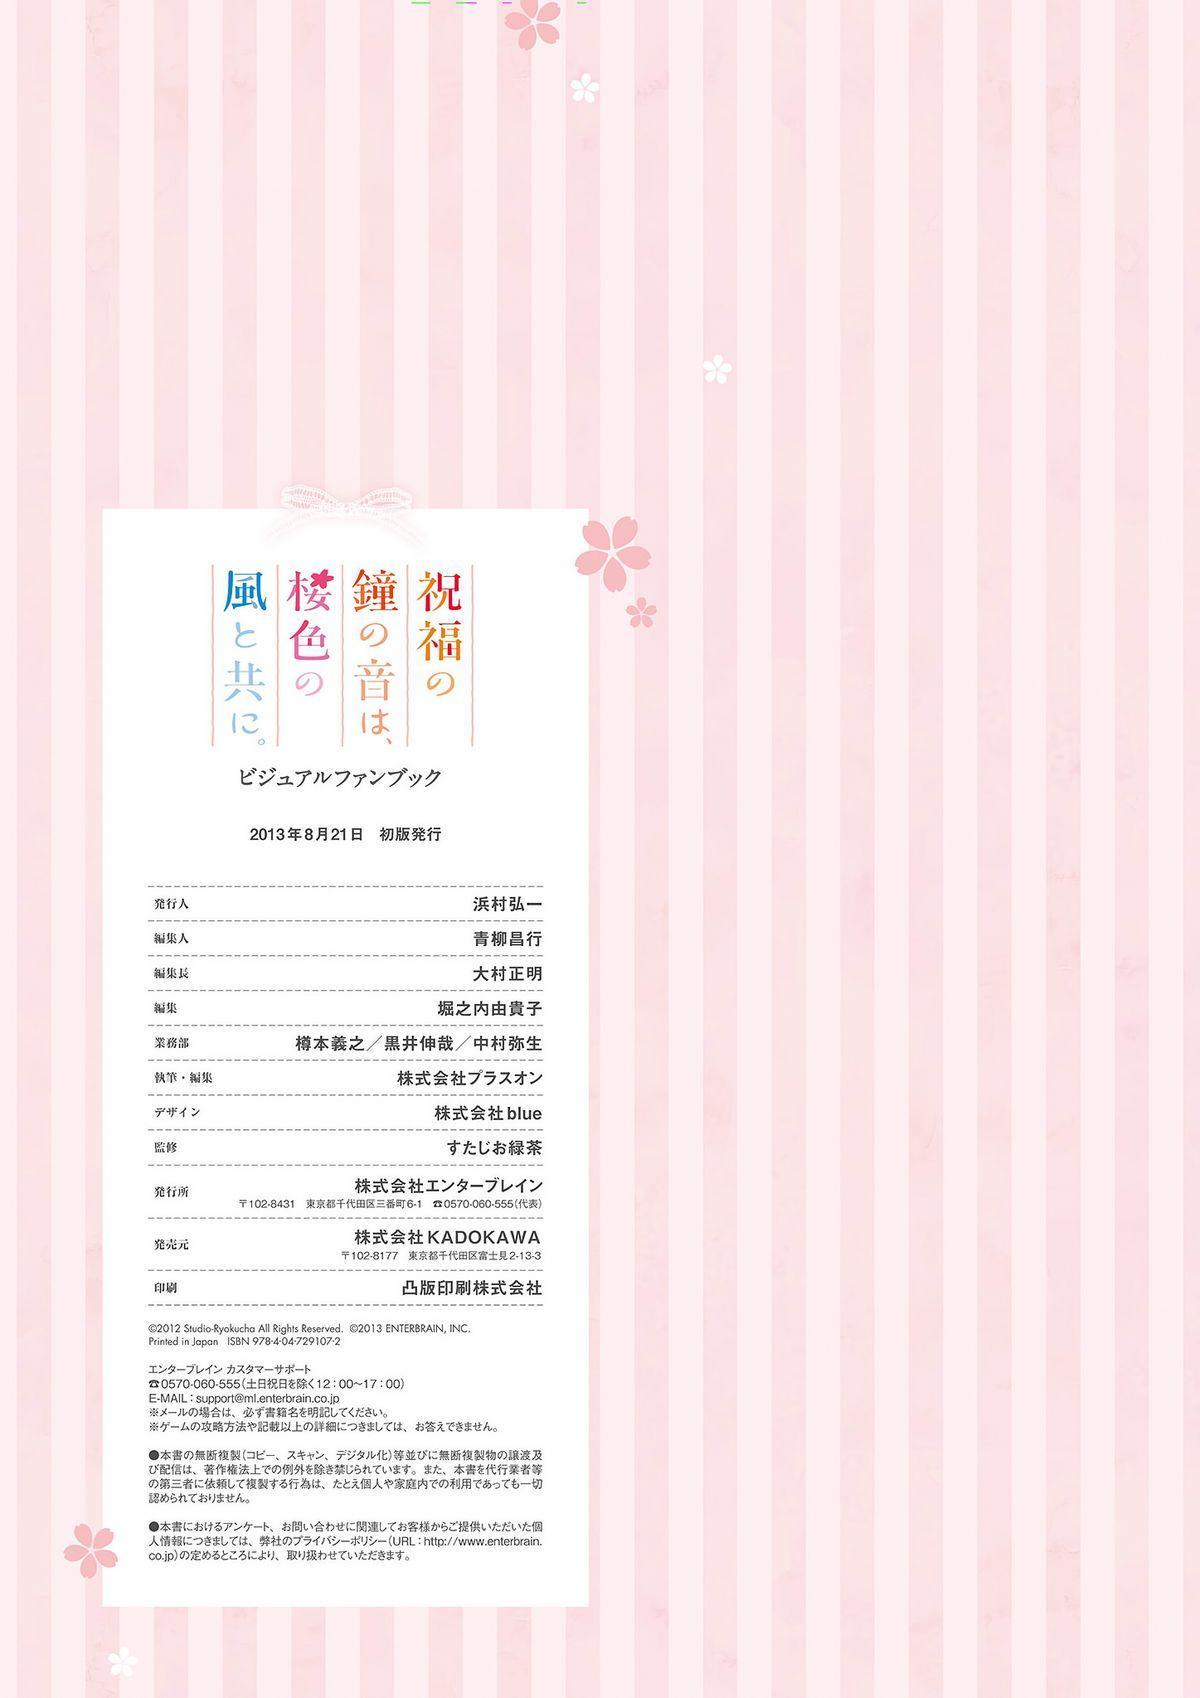 Shukufuku no Kane no Oto wa, Sakura-iro no Kaze to Tomo ni Visual Fanbook 136